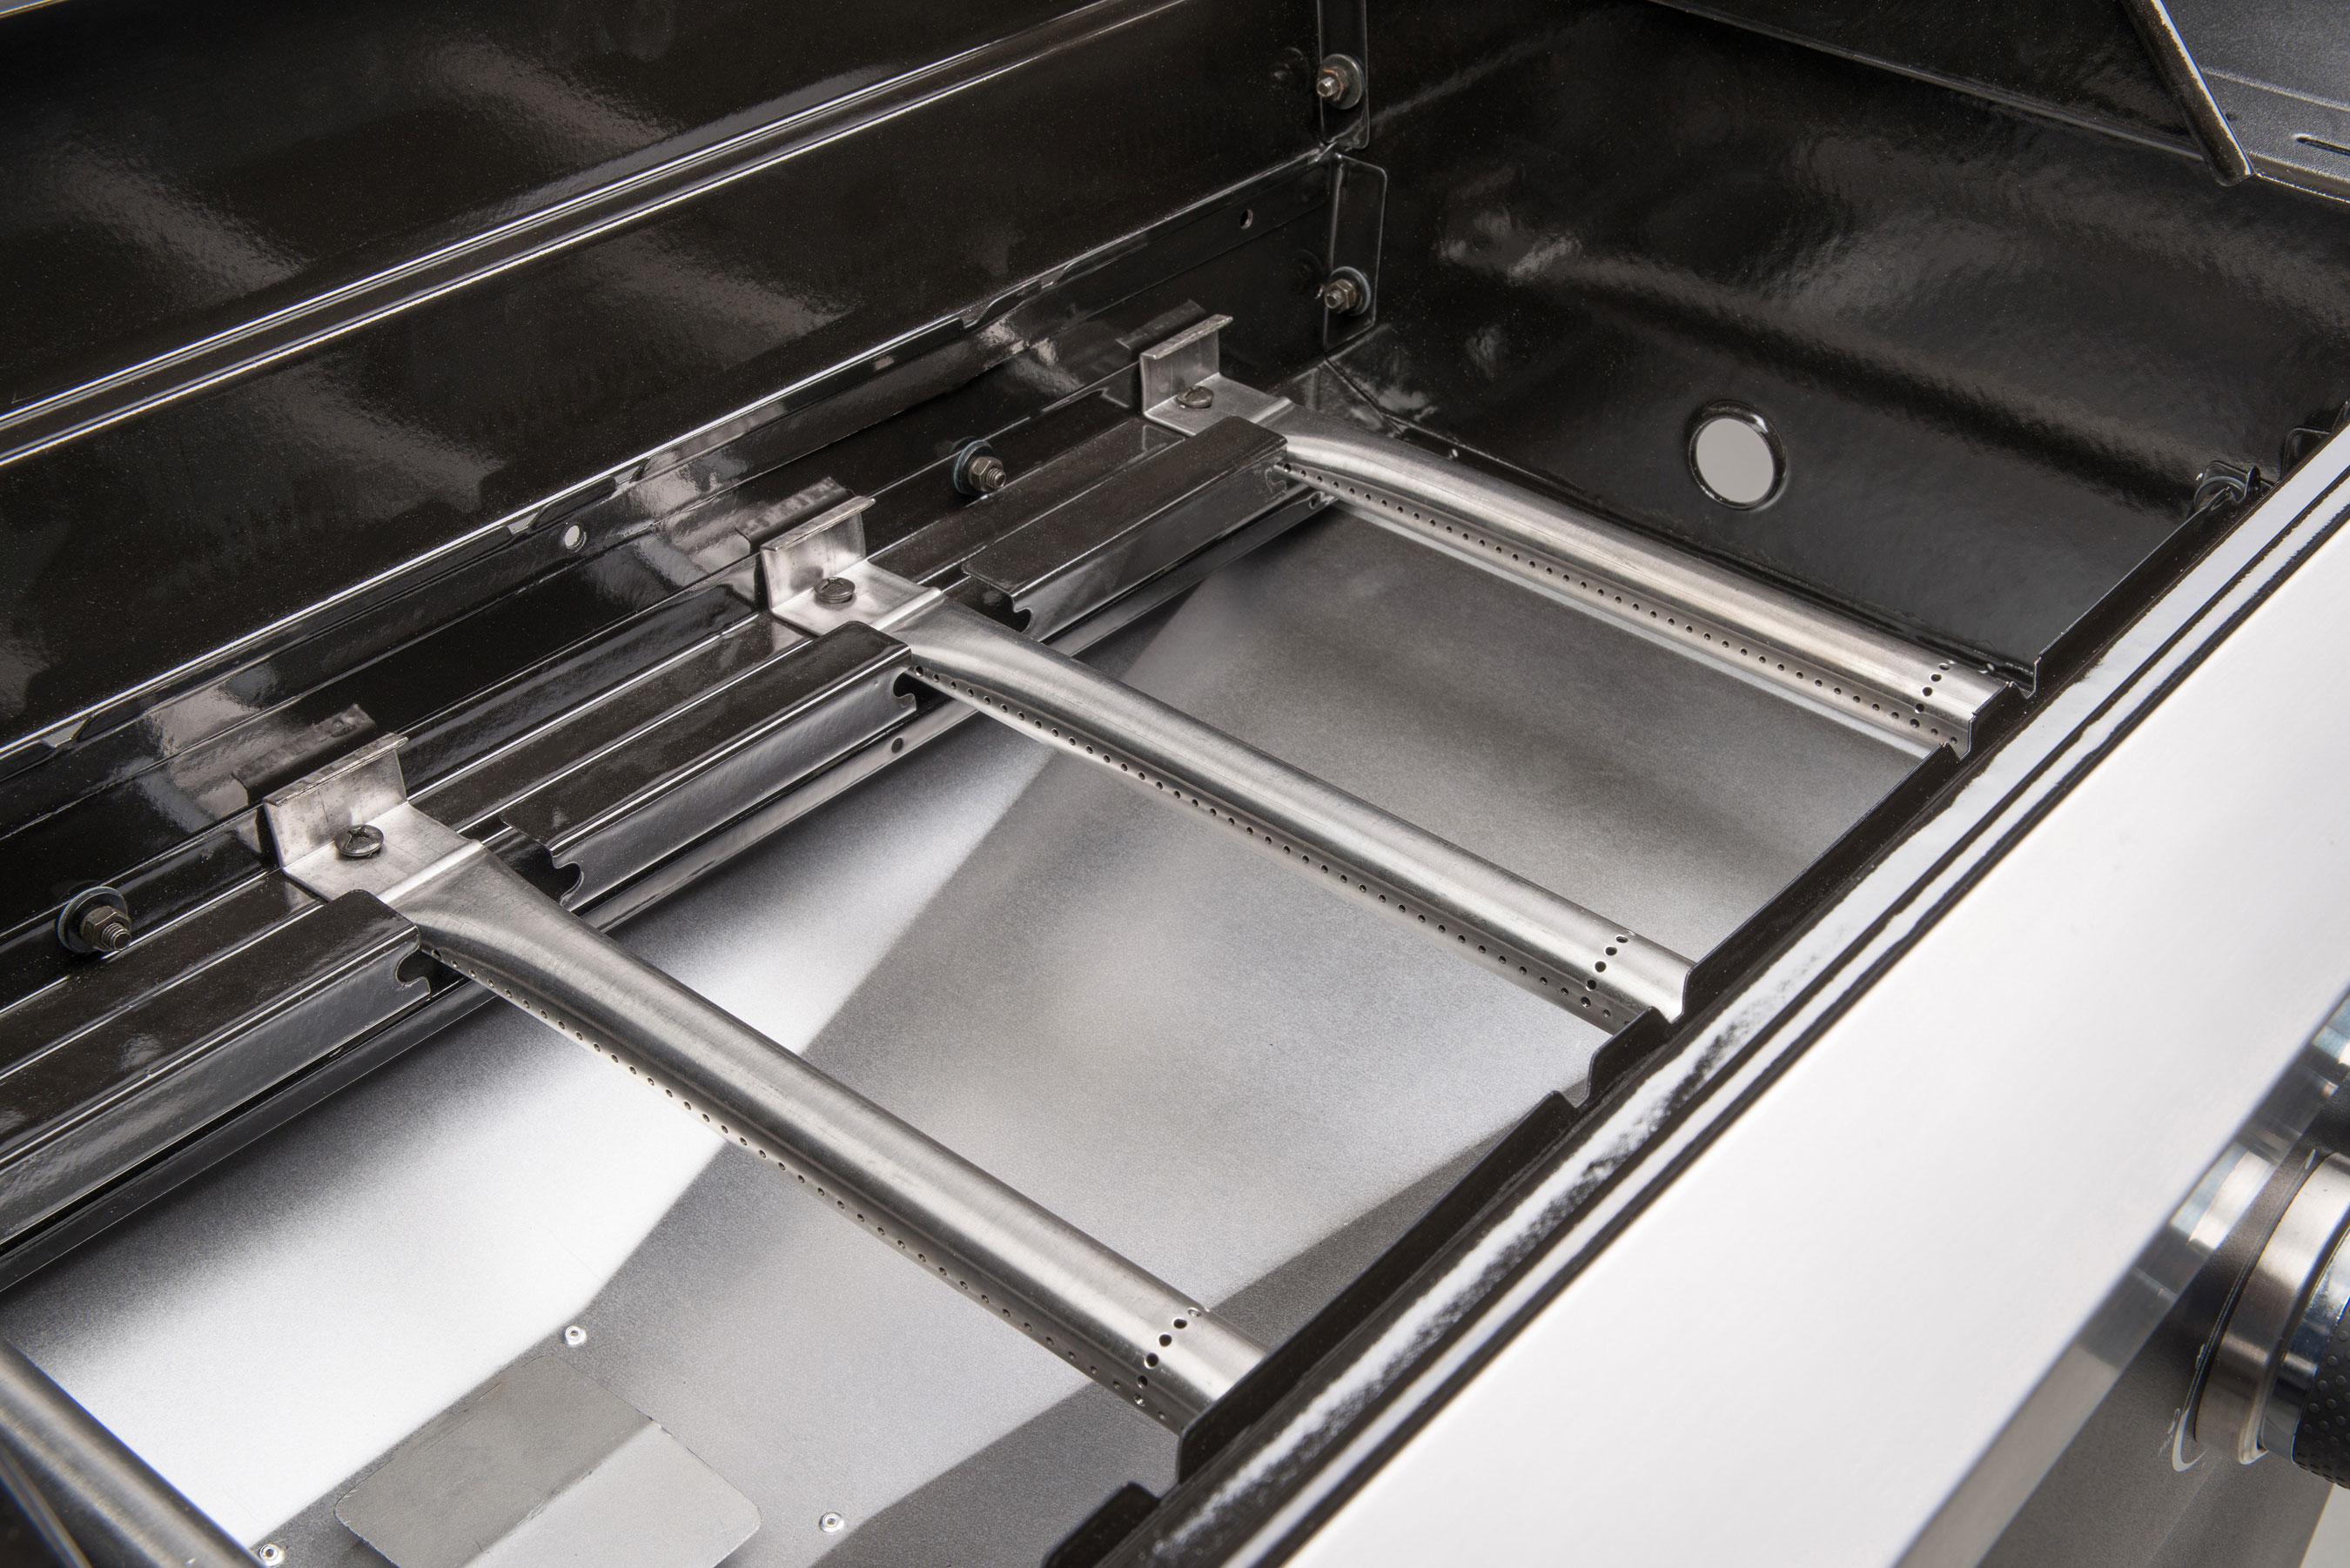 Landmann Gasgrill Schutzhülle : Gasgrill möbel gebraucht kaufen in hannover ebay kleinanzeigen